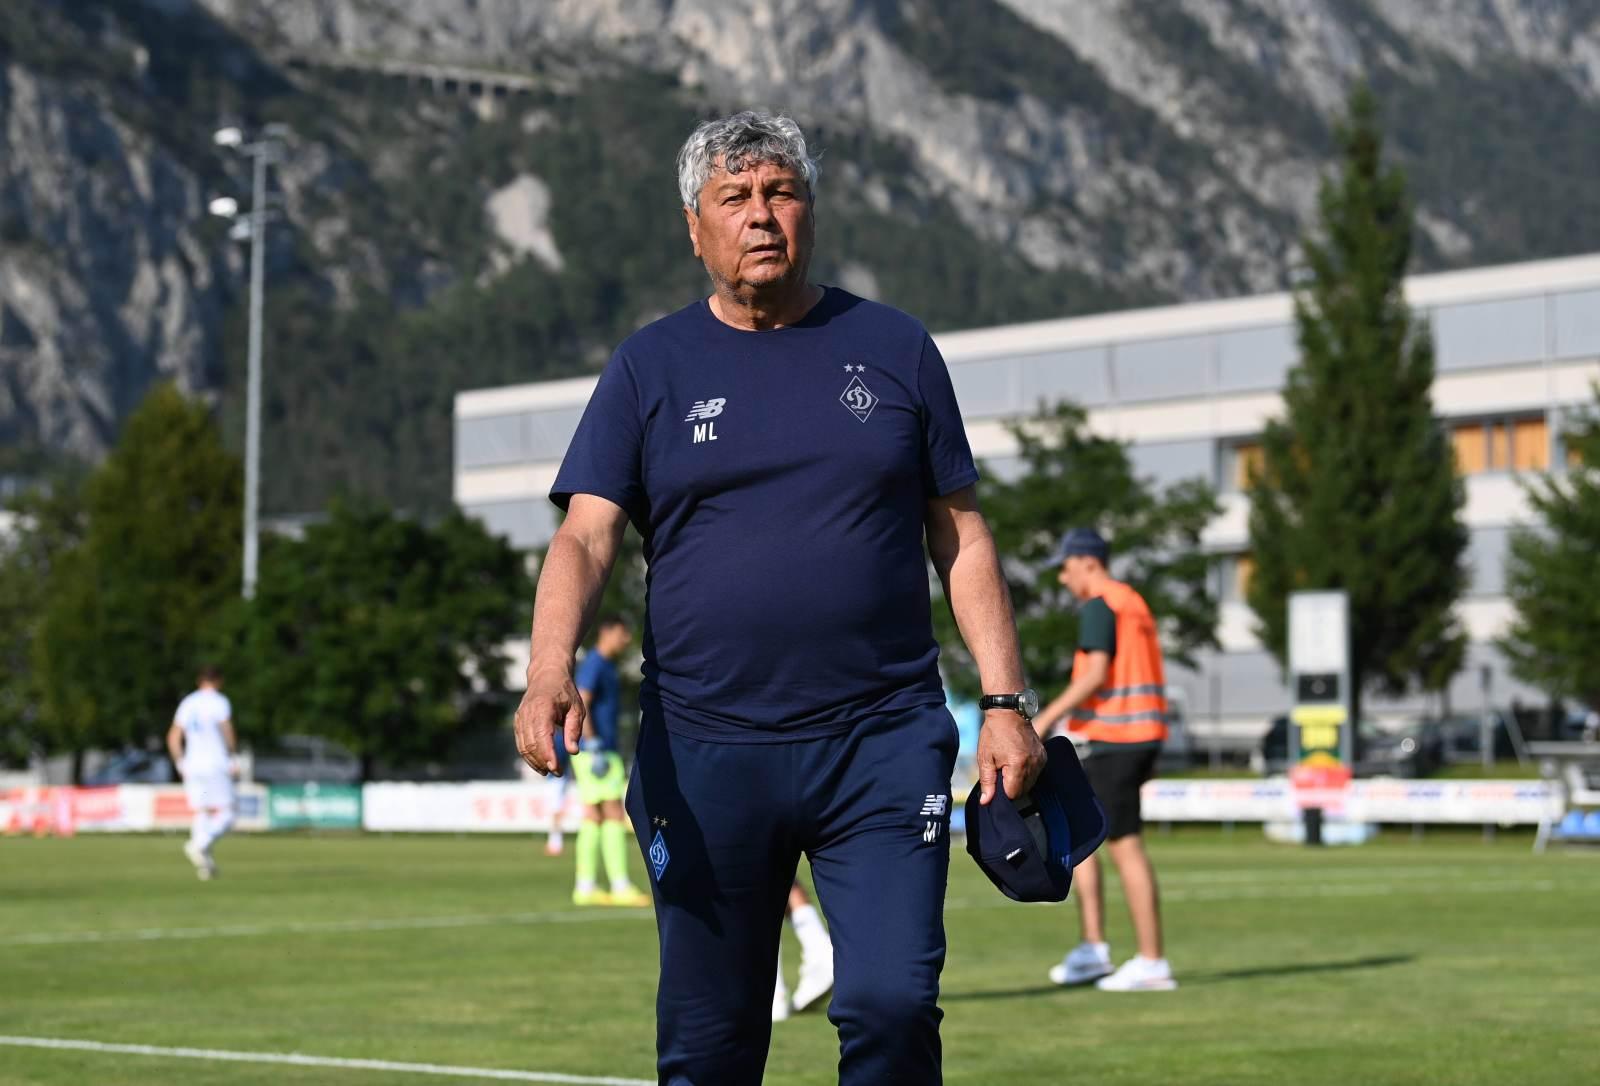 Контракт Луческу с киевским «Динамо» рассчитан до 2024 года